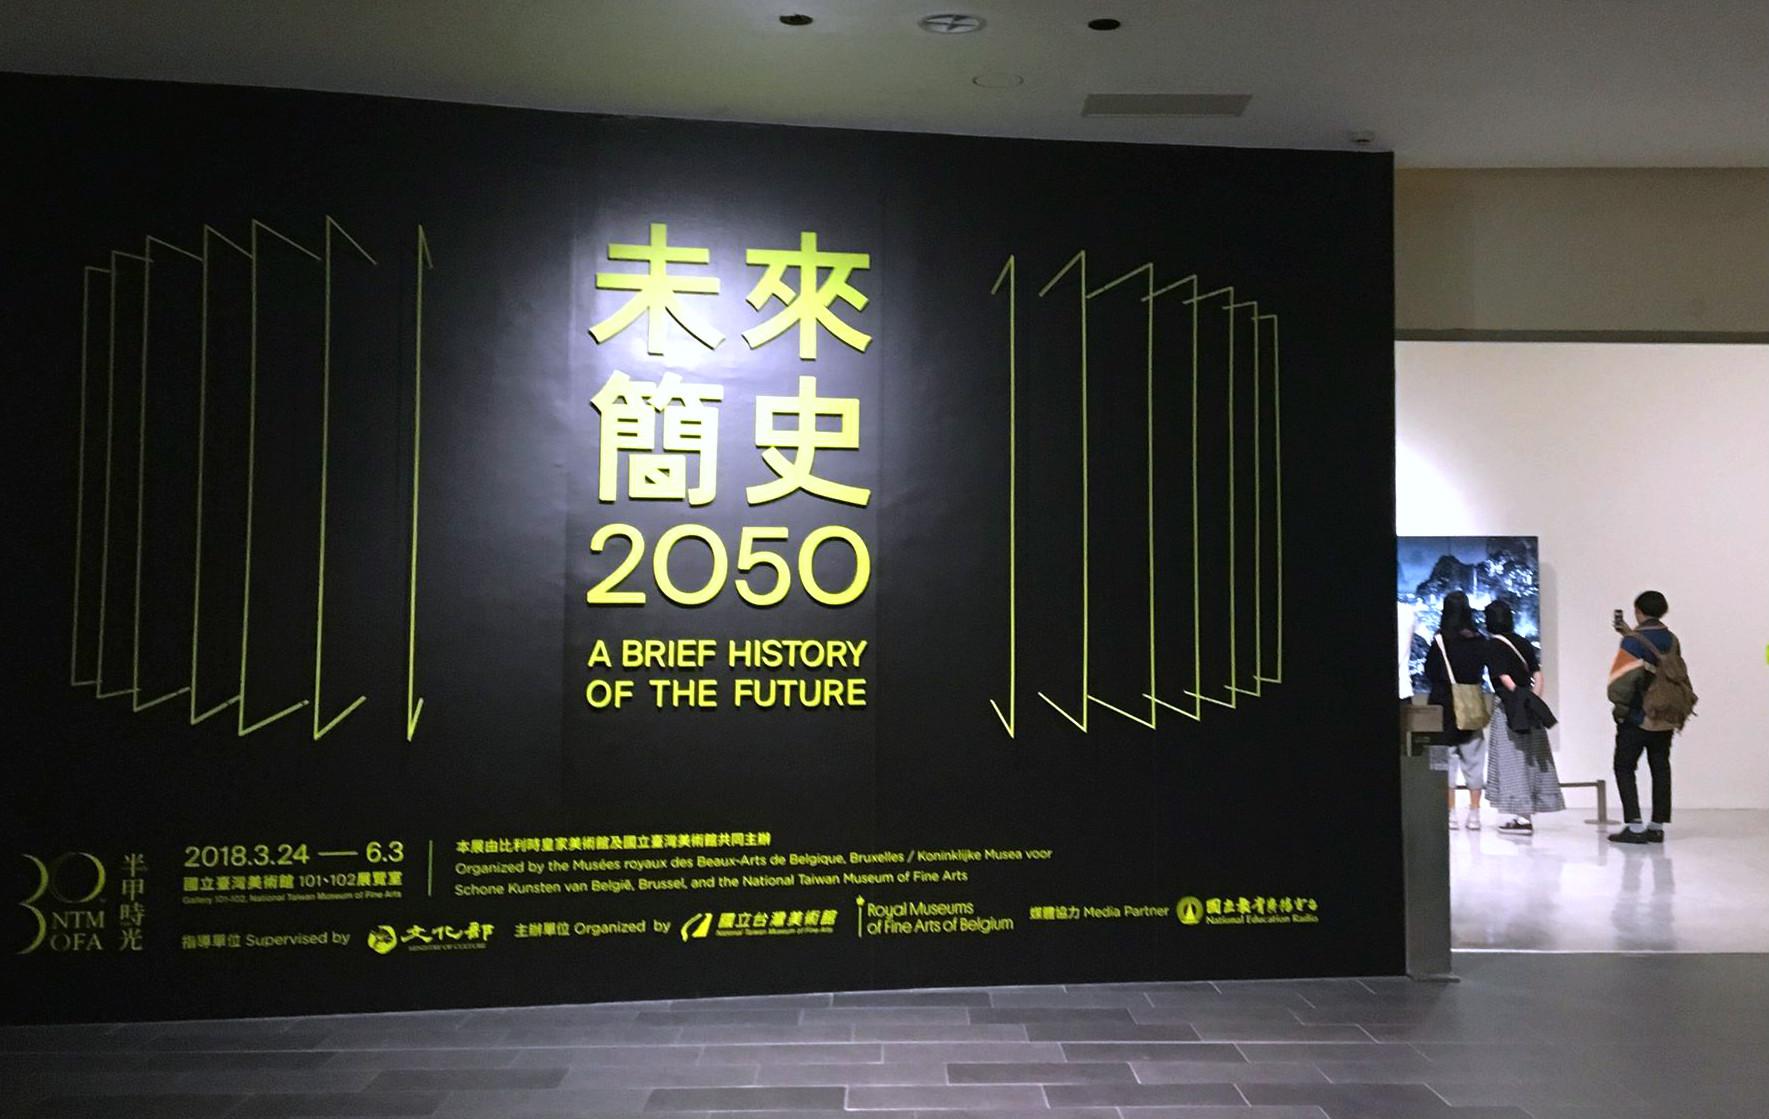 2050 未來簡史 一場 藝術 科技 對話